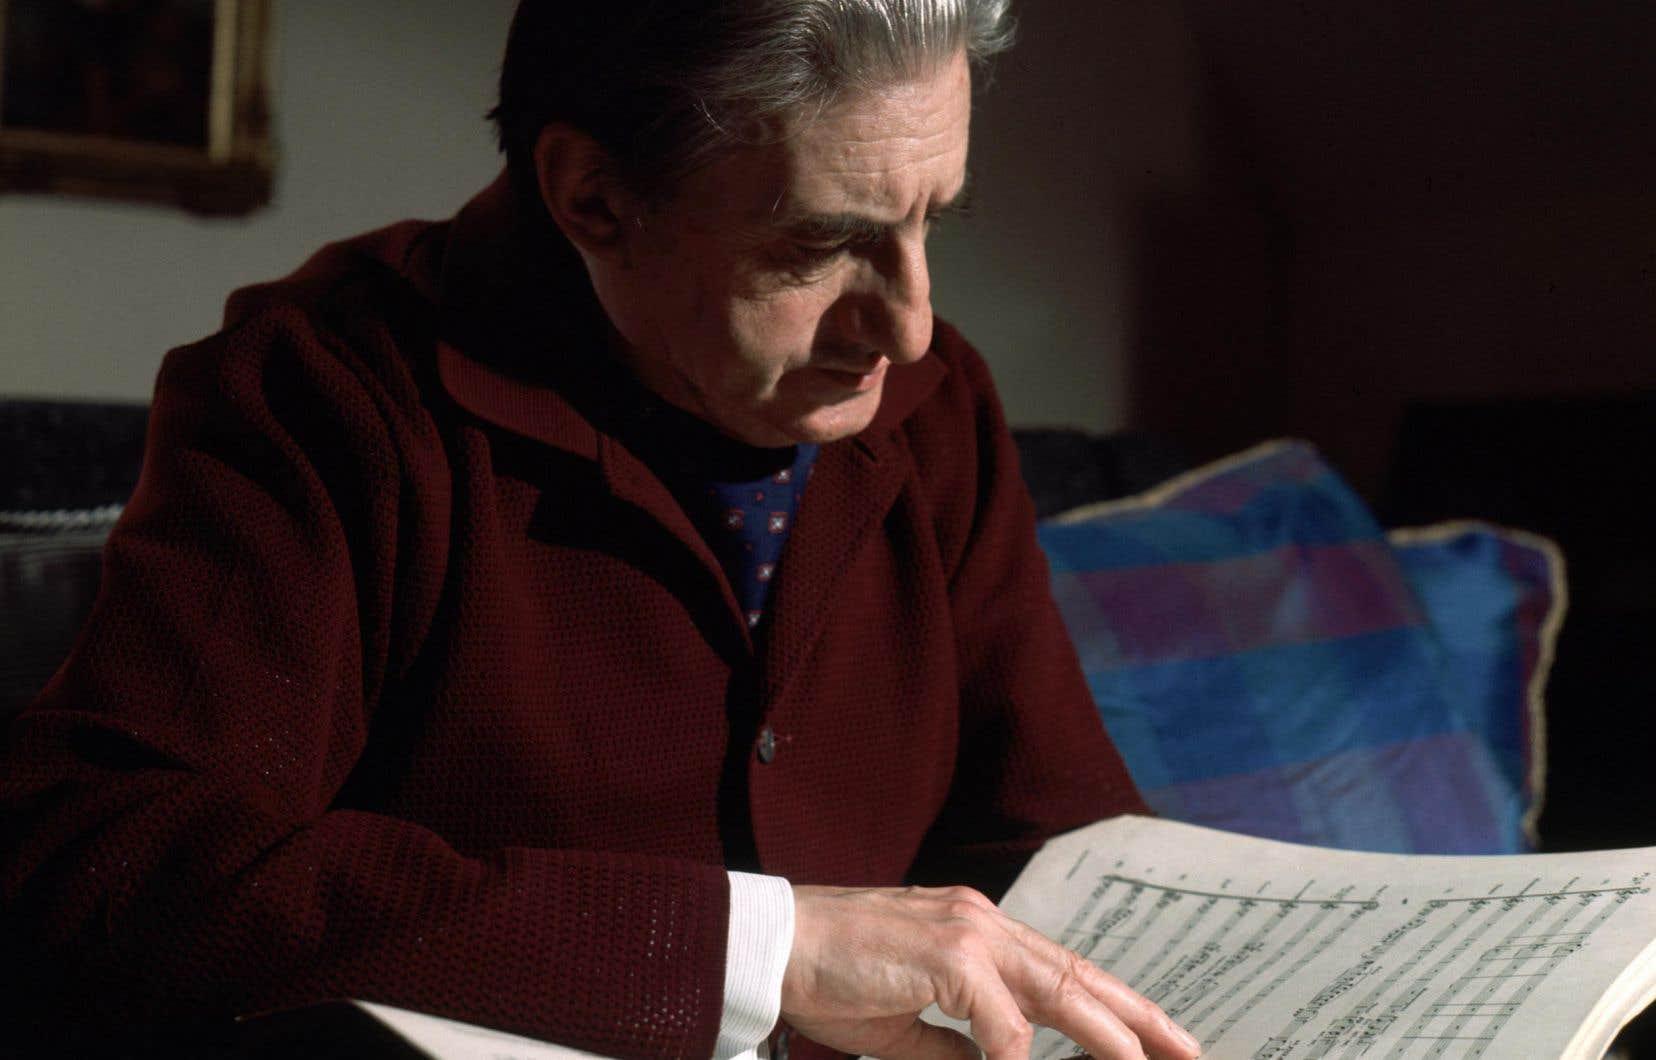 John Barbirolli fait l'objet d'un véritable culte en Grande-Bretagne, comme une sorte de Callas de la direction d'orchestre.